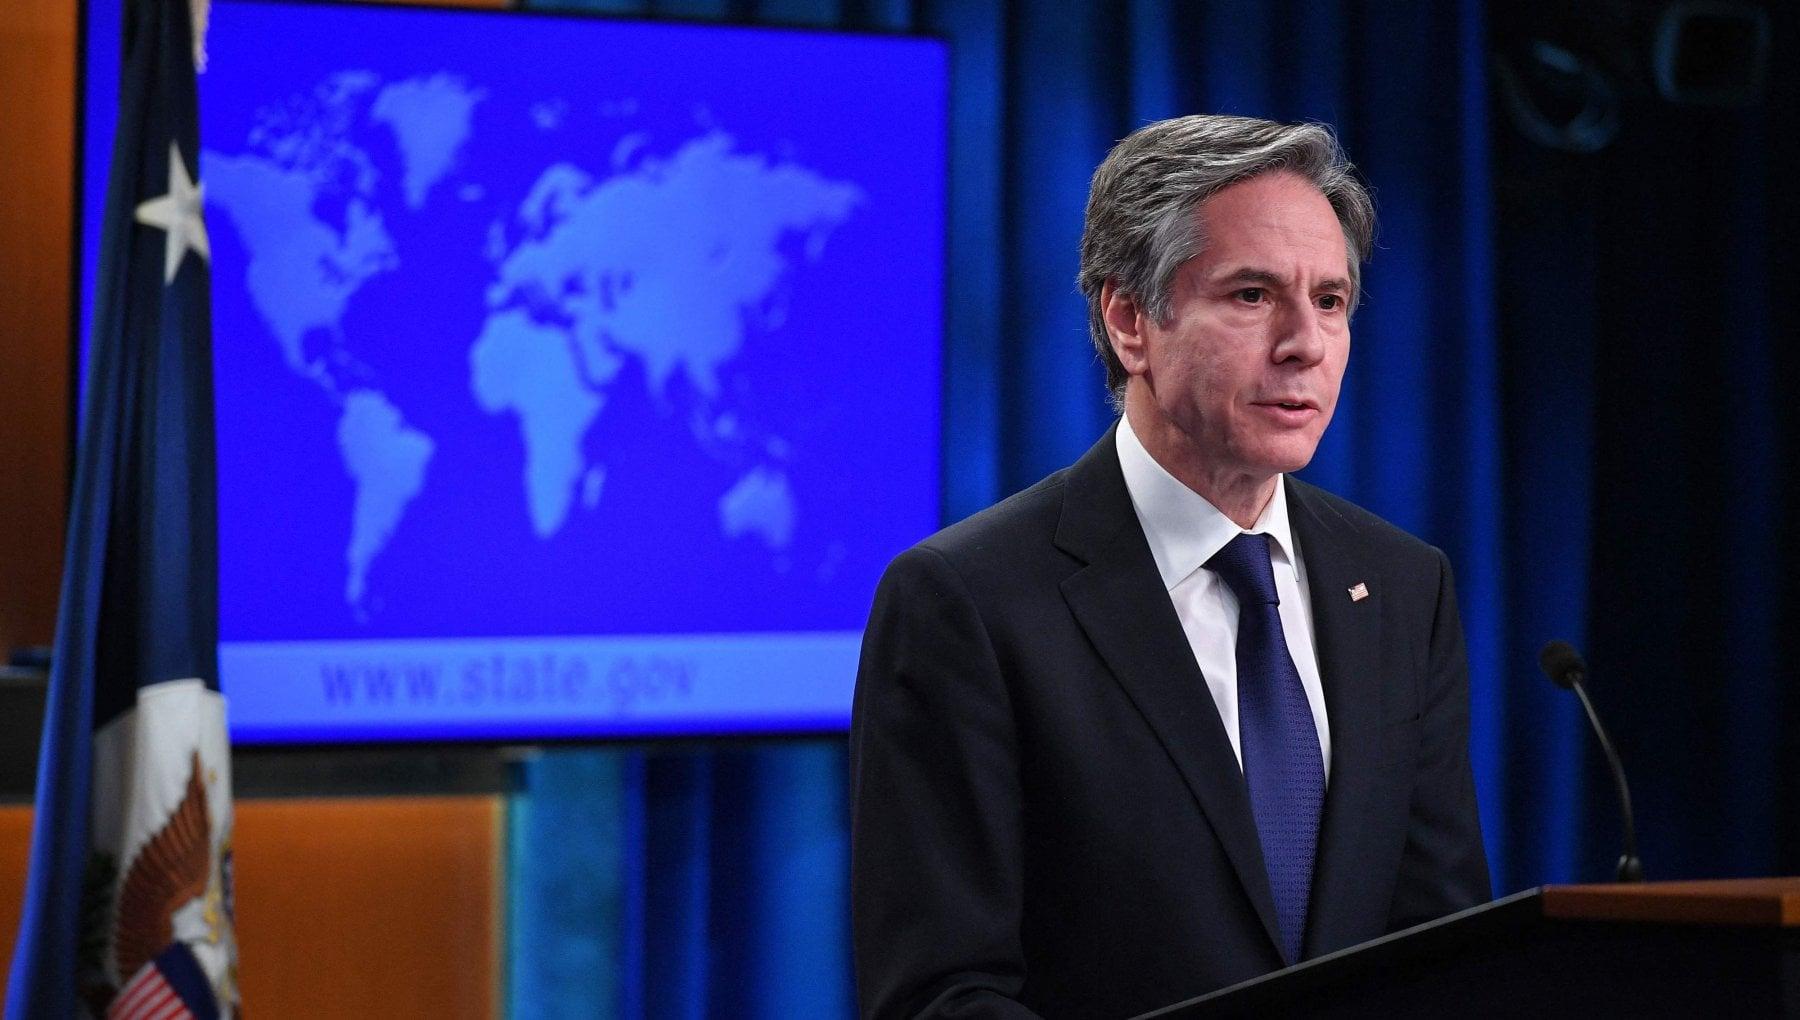 005047087 7f5ab96d 6cb2 4eaf a696 75f23758a235 - Myanmar: Usa ordinano il rientro dei diplomatici non essenziali